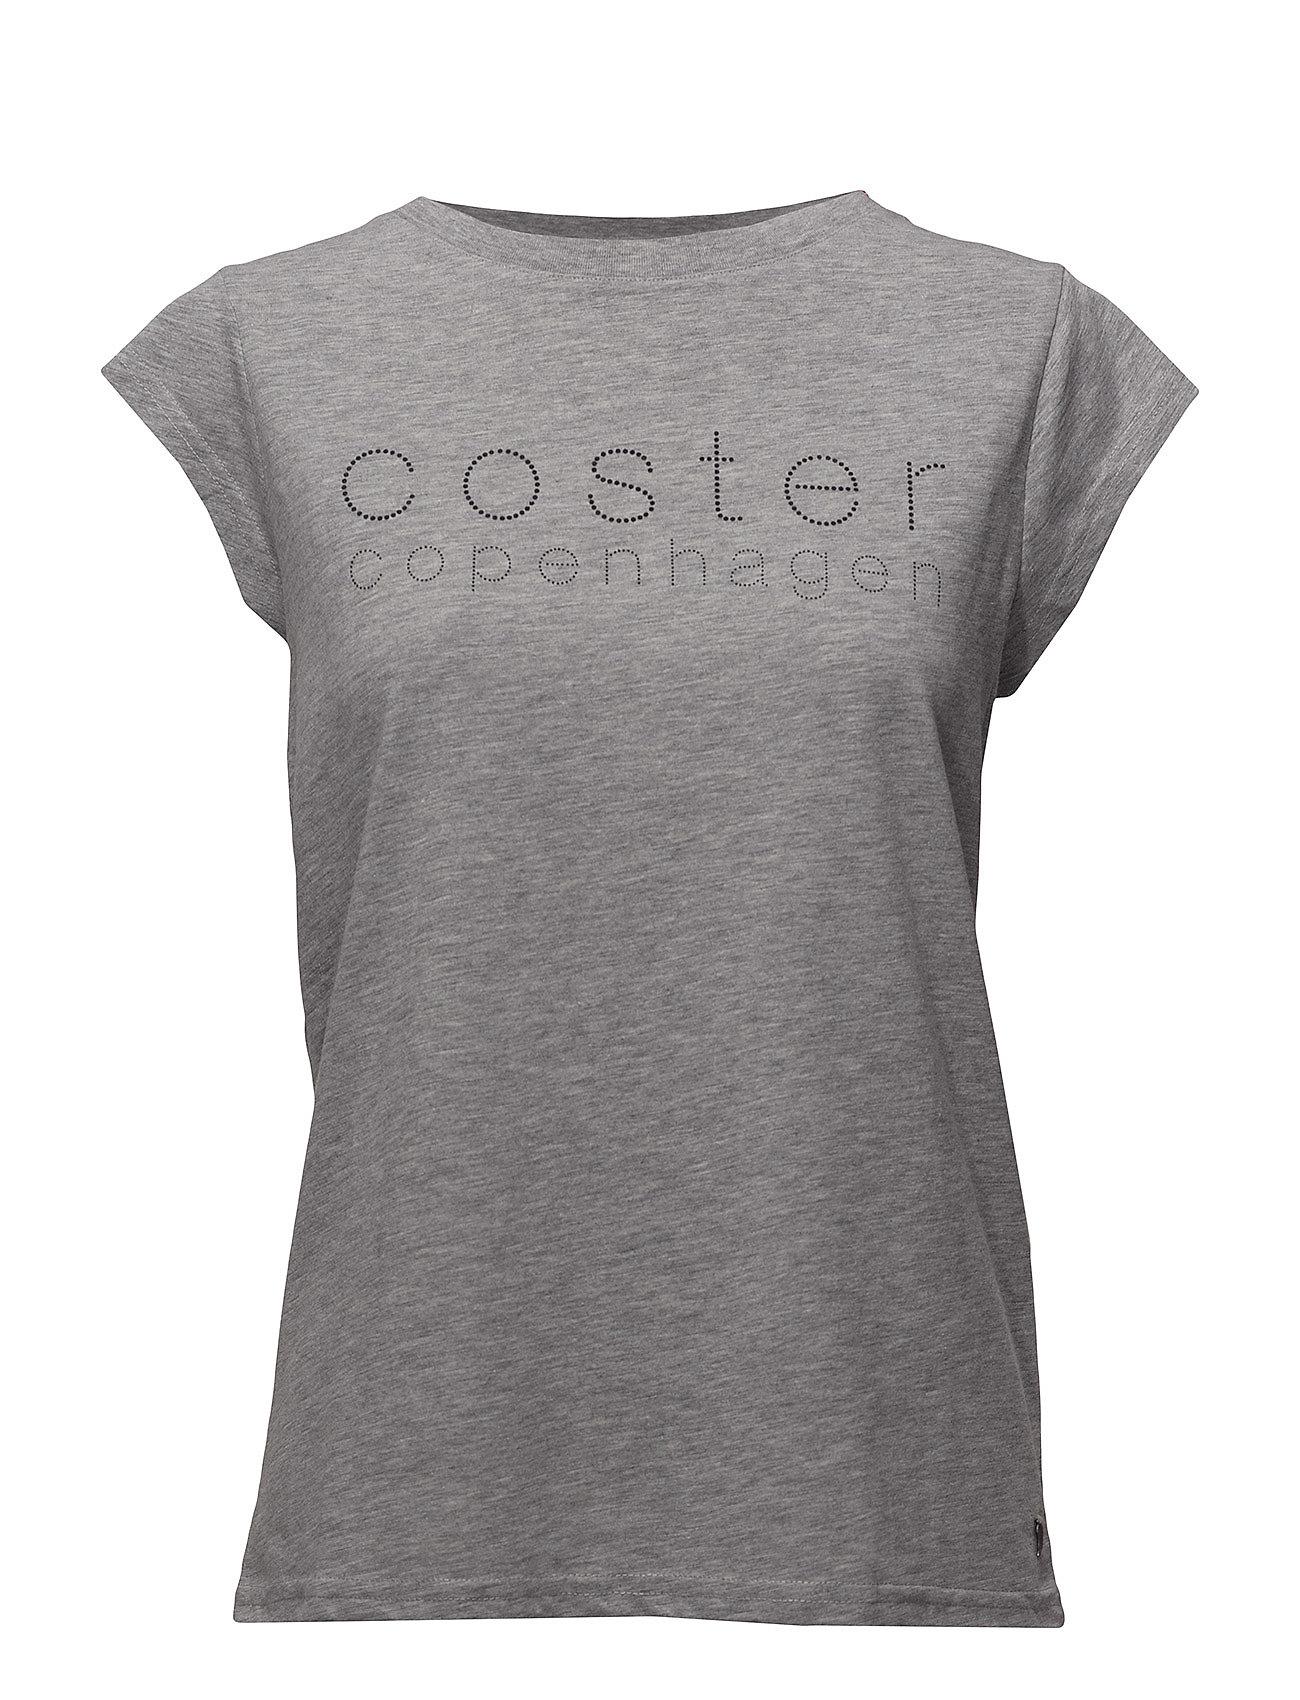 T-Shirt W. Coster Logo - Coster Copenhagen